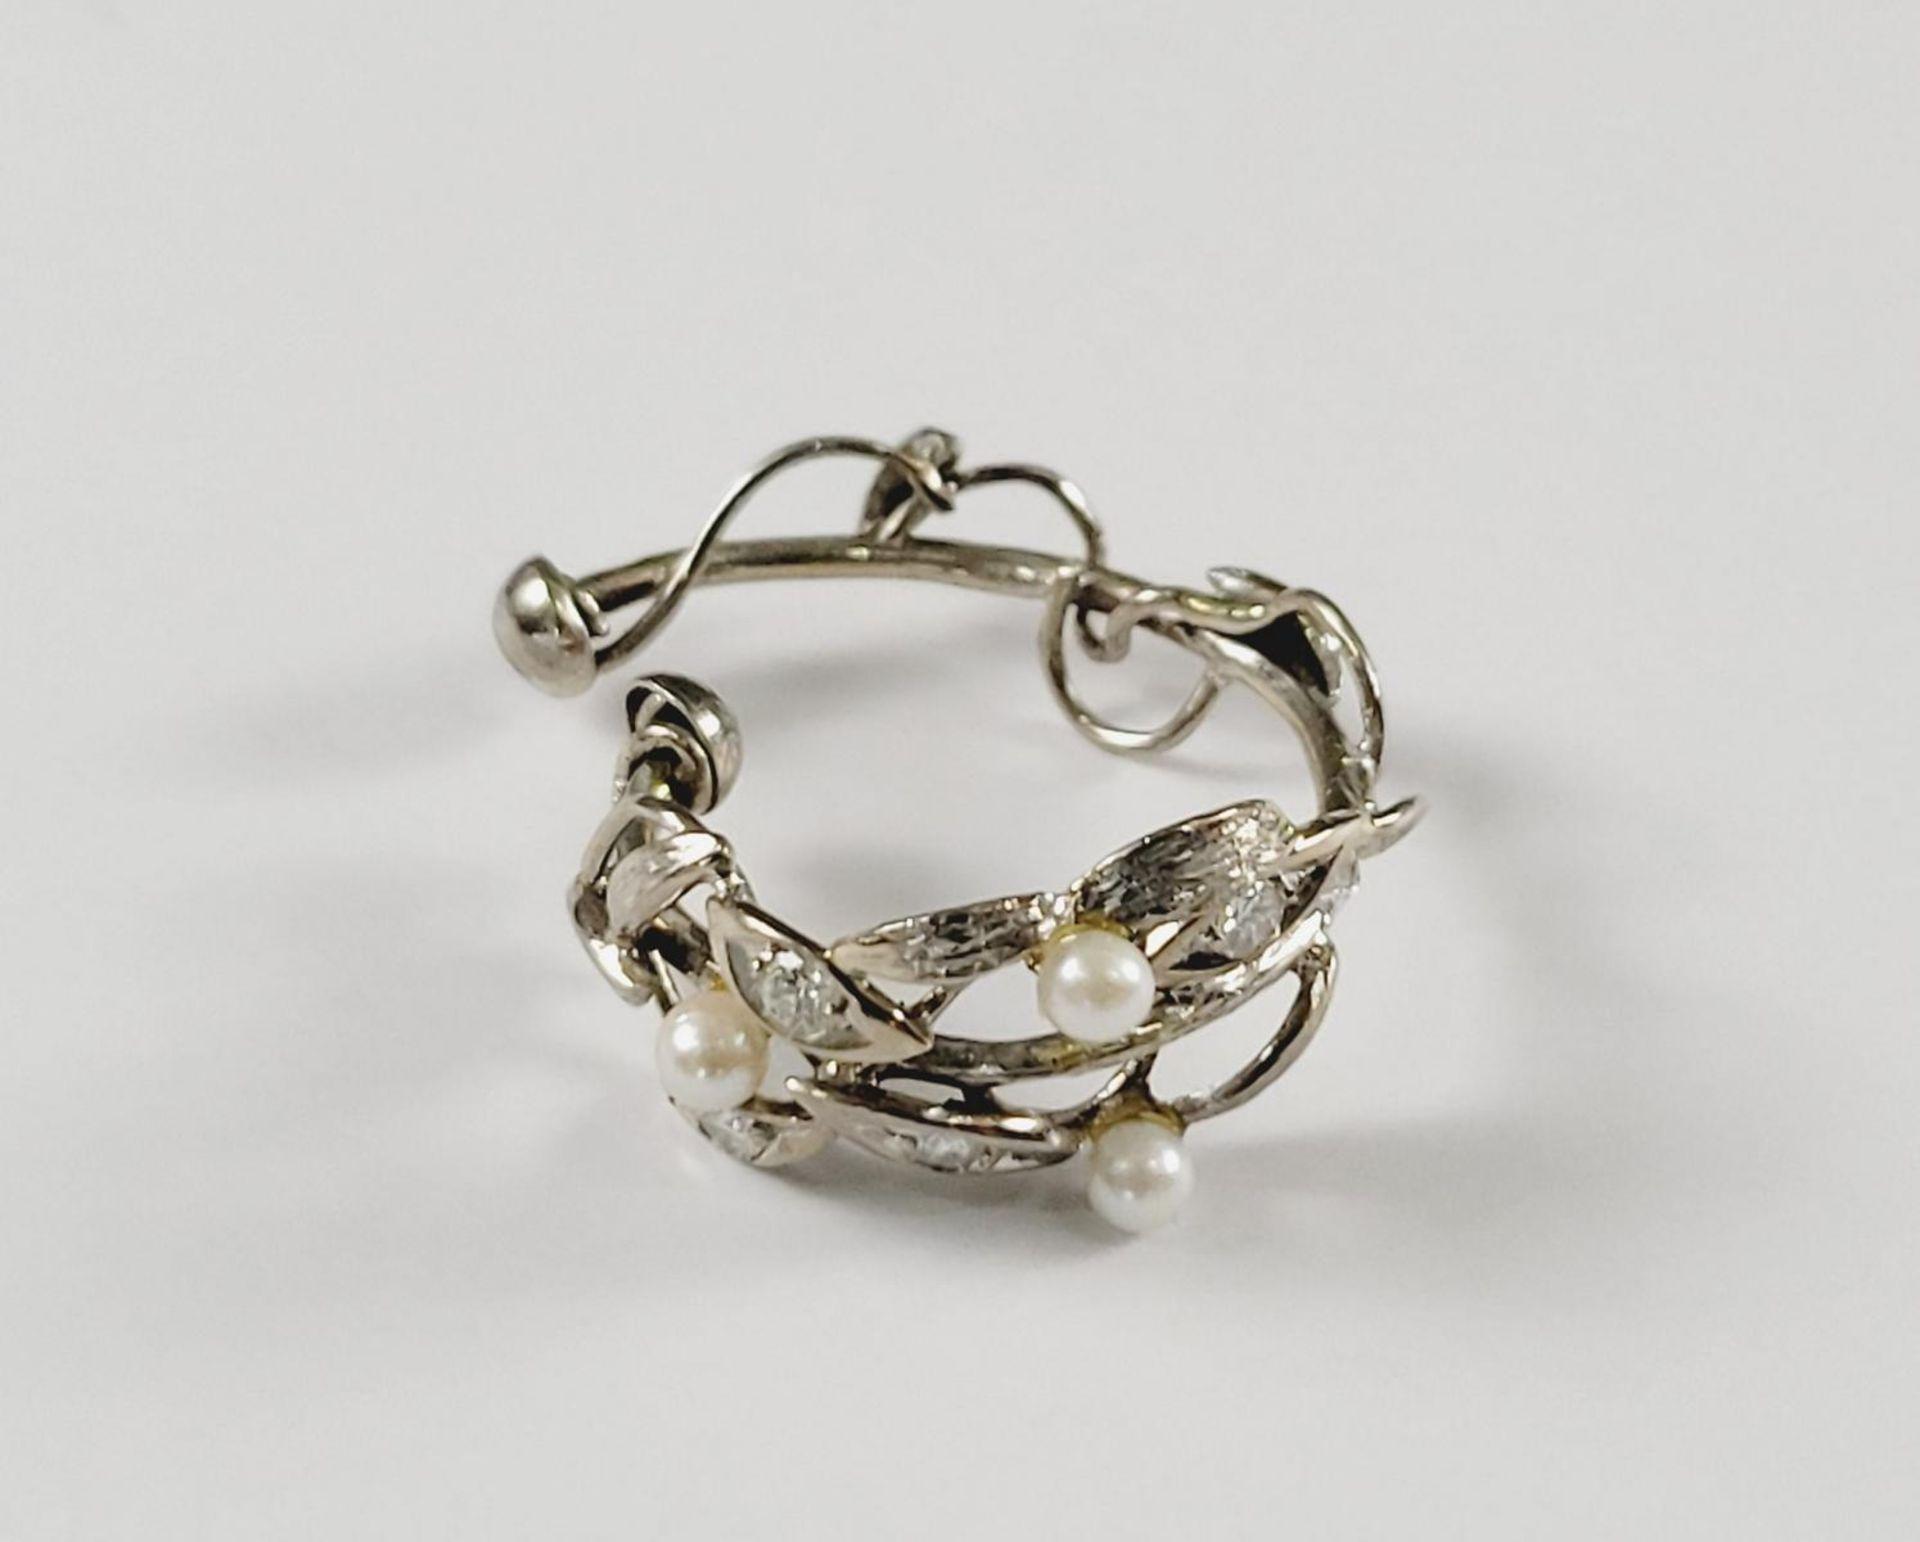 Tuchring mit Perlen und Diamanten, 18 Karat Weißgold